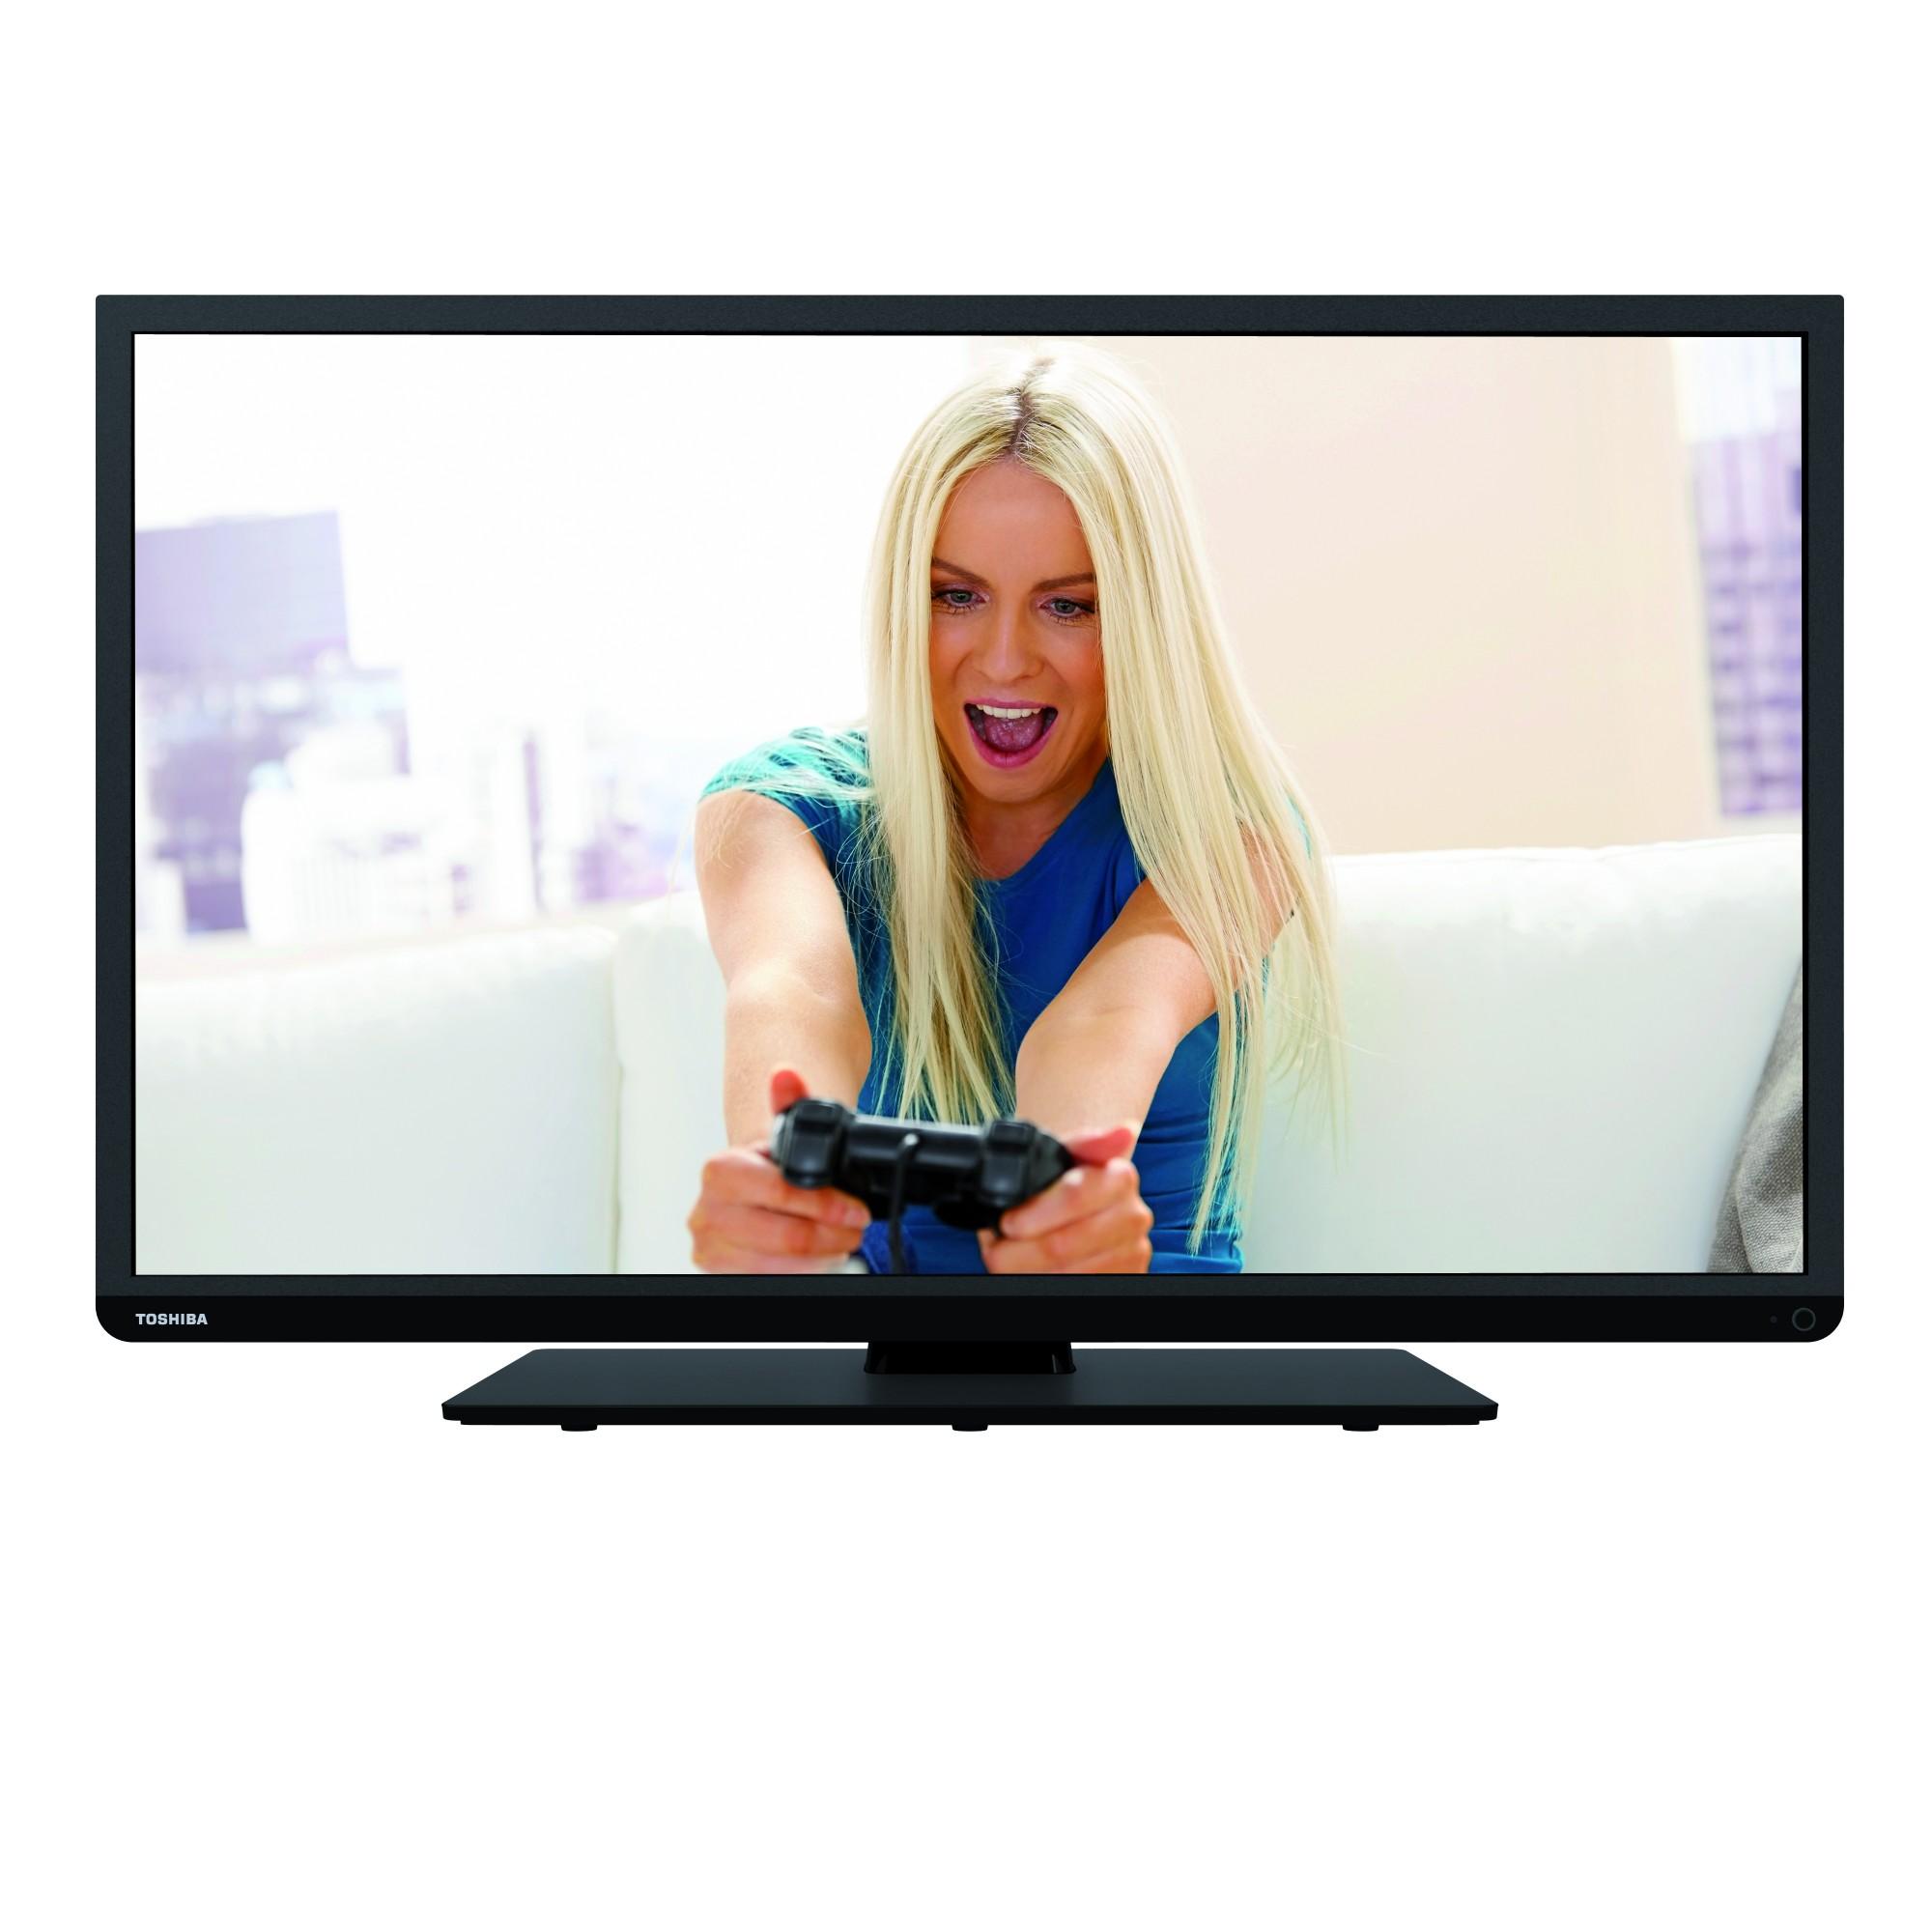 где купить телевизоры тошиба